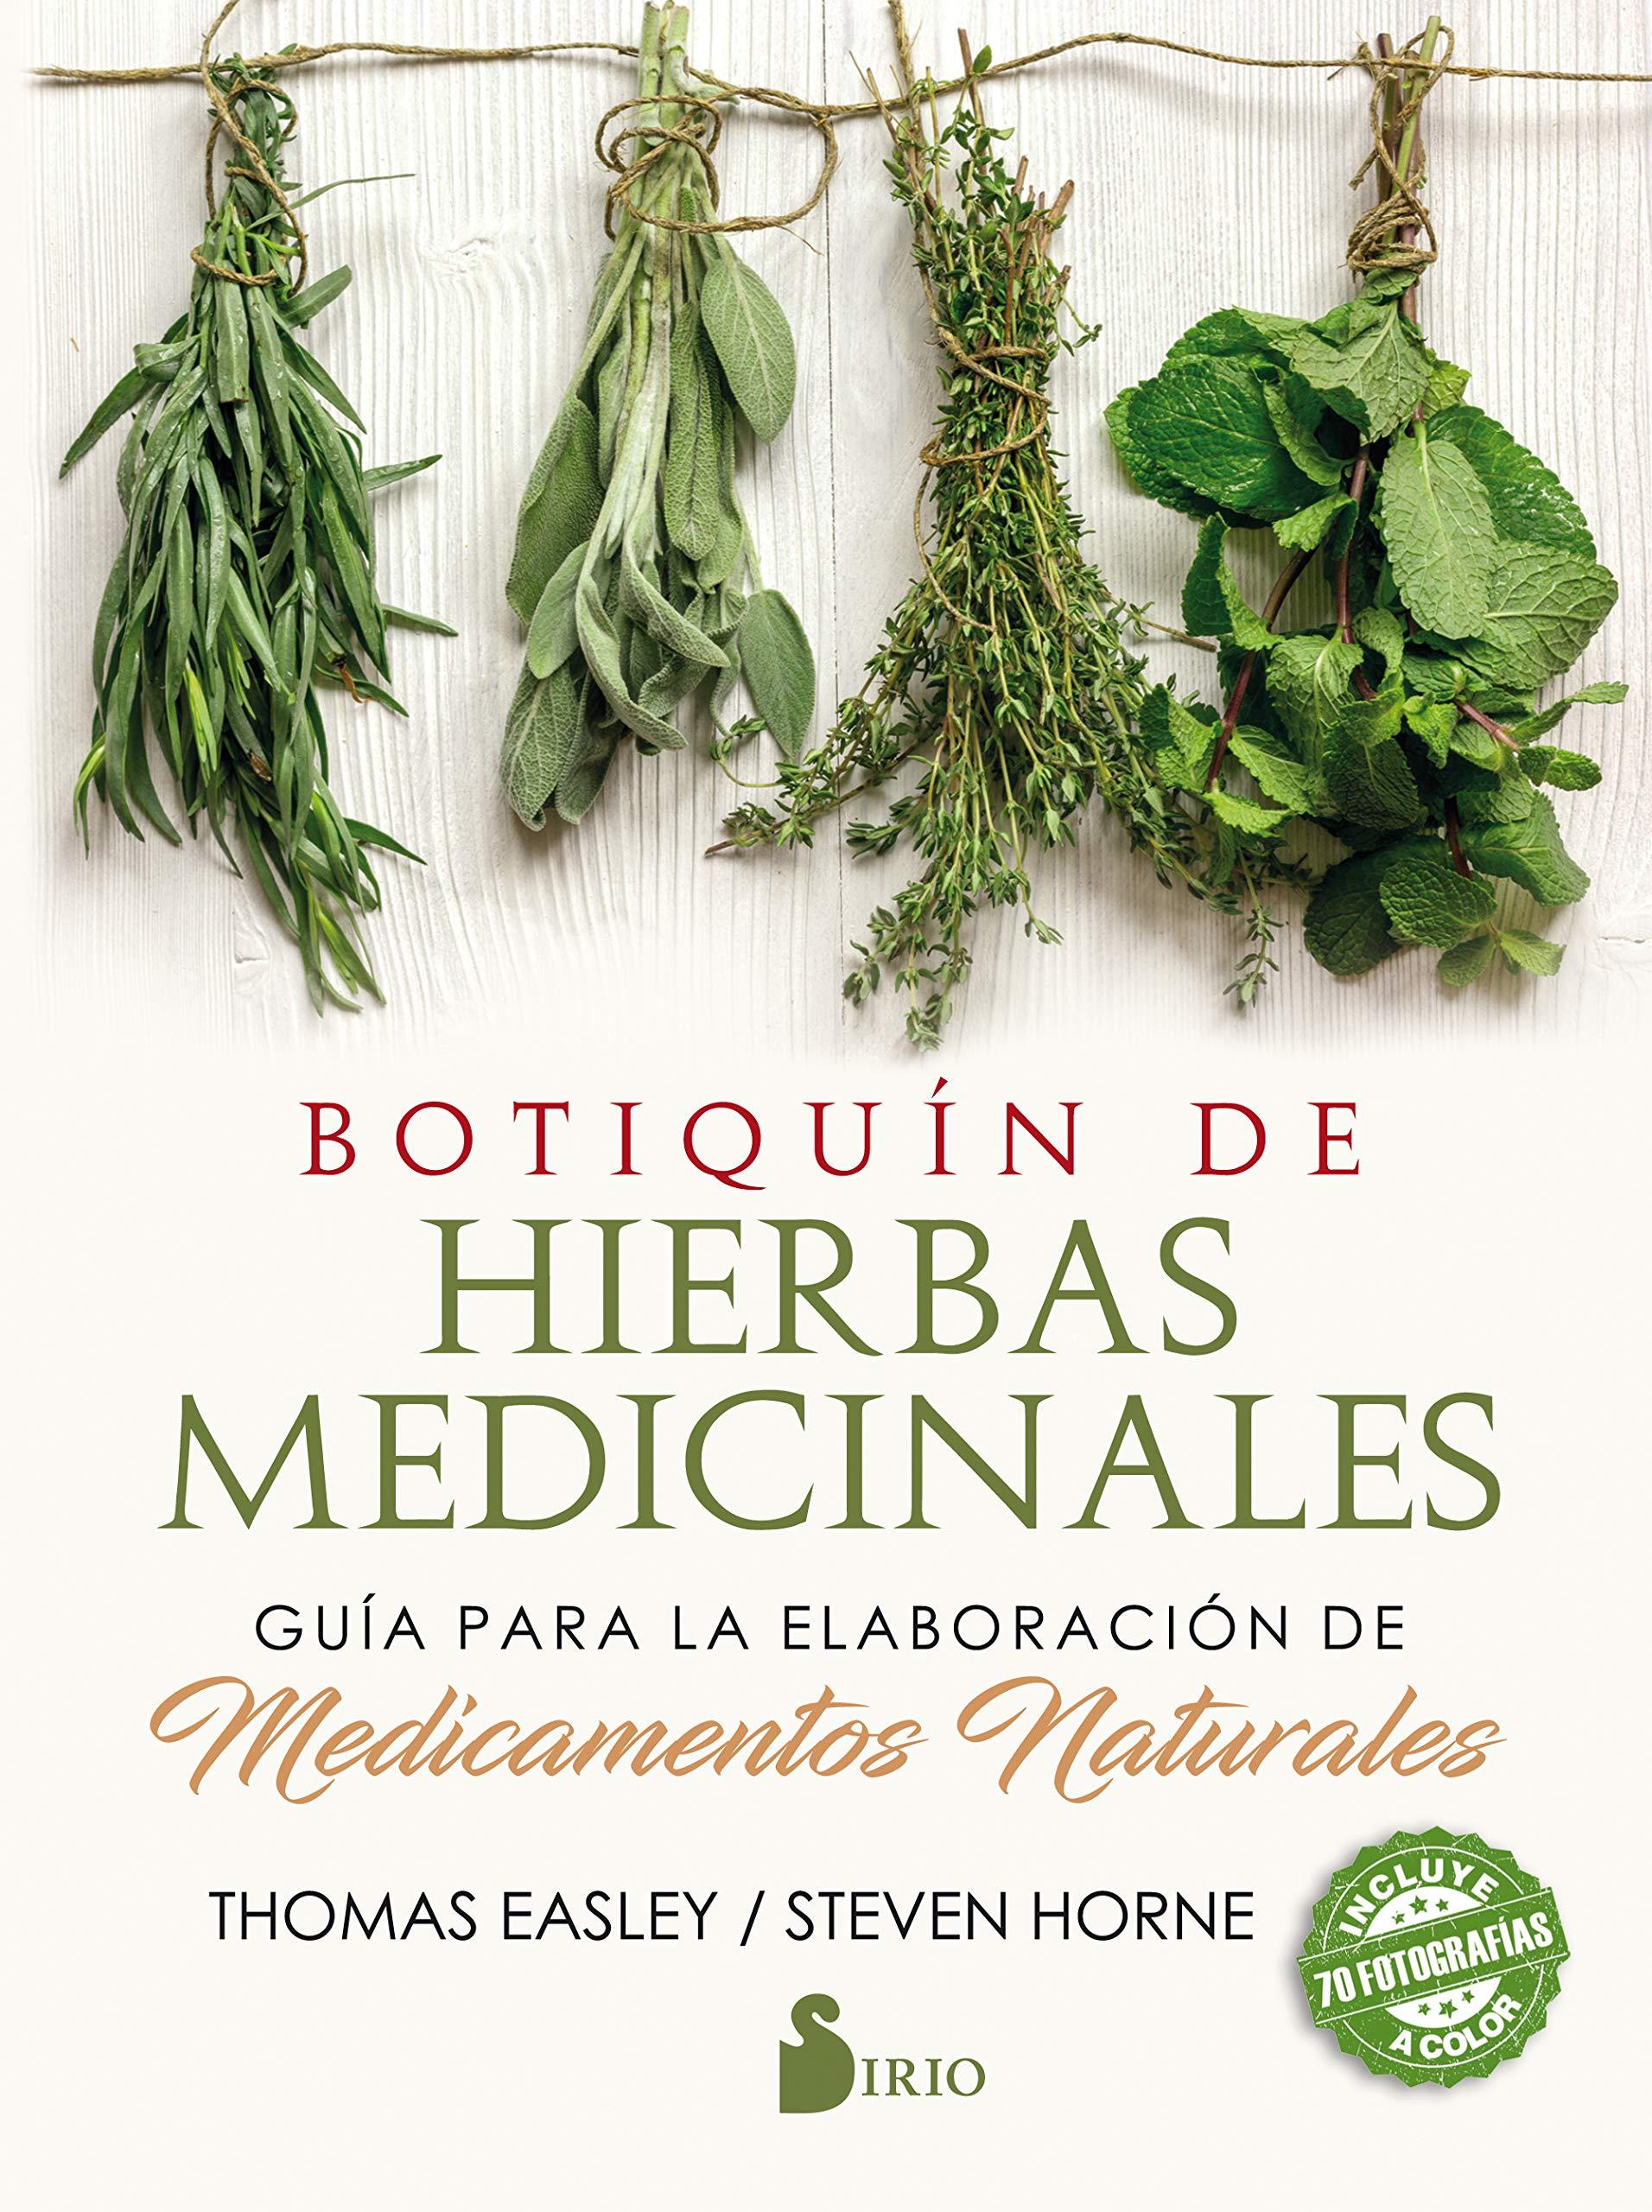 Botiquín de hierbas medicinales: Amazon.es: Easley, Thomas, Home, Steven, Perrella, Loto: Libros